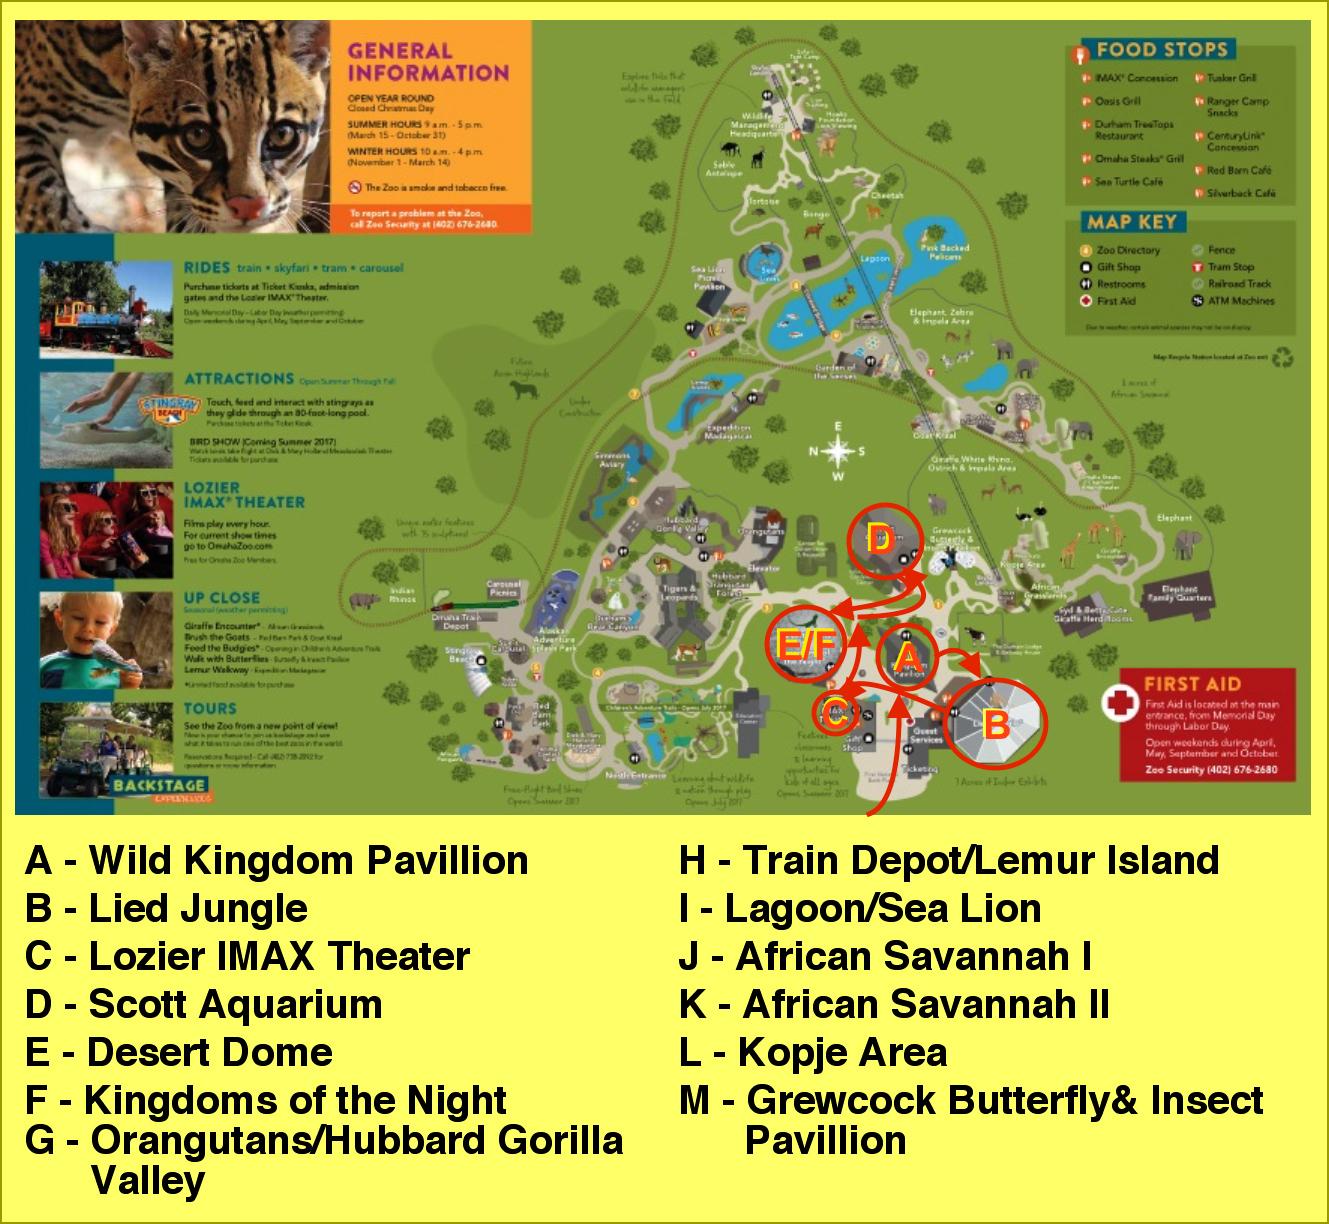 kansas city zoo, dallas texas zoo, omaha zoo, on henry doorly zoo map